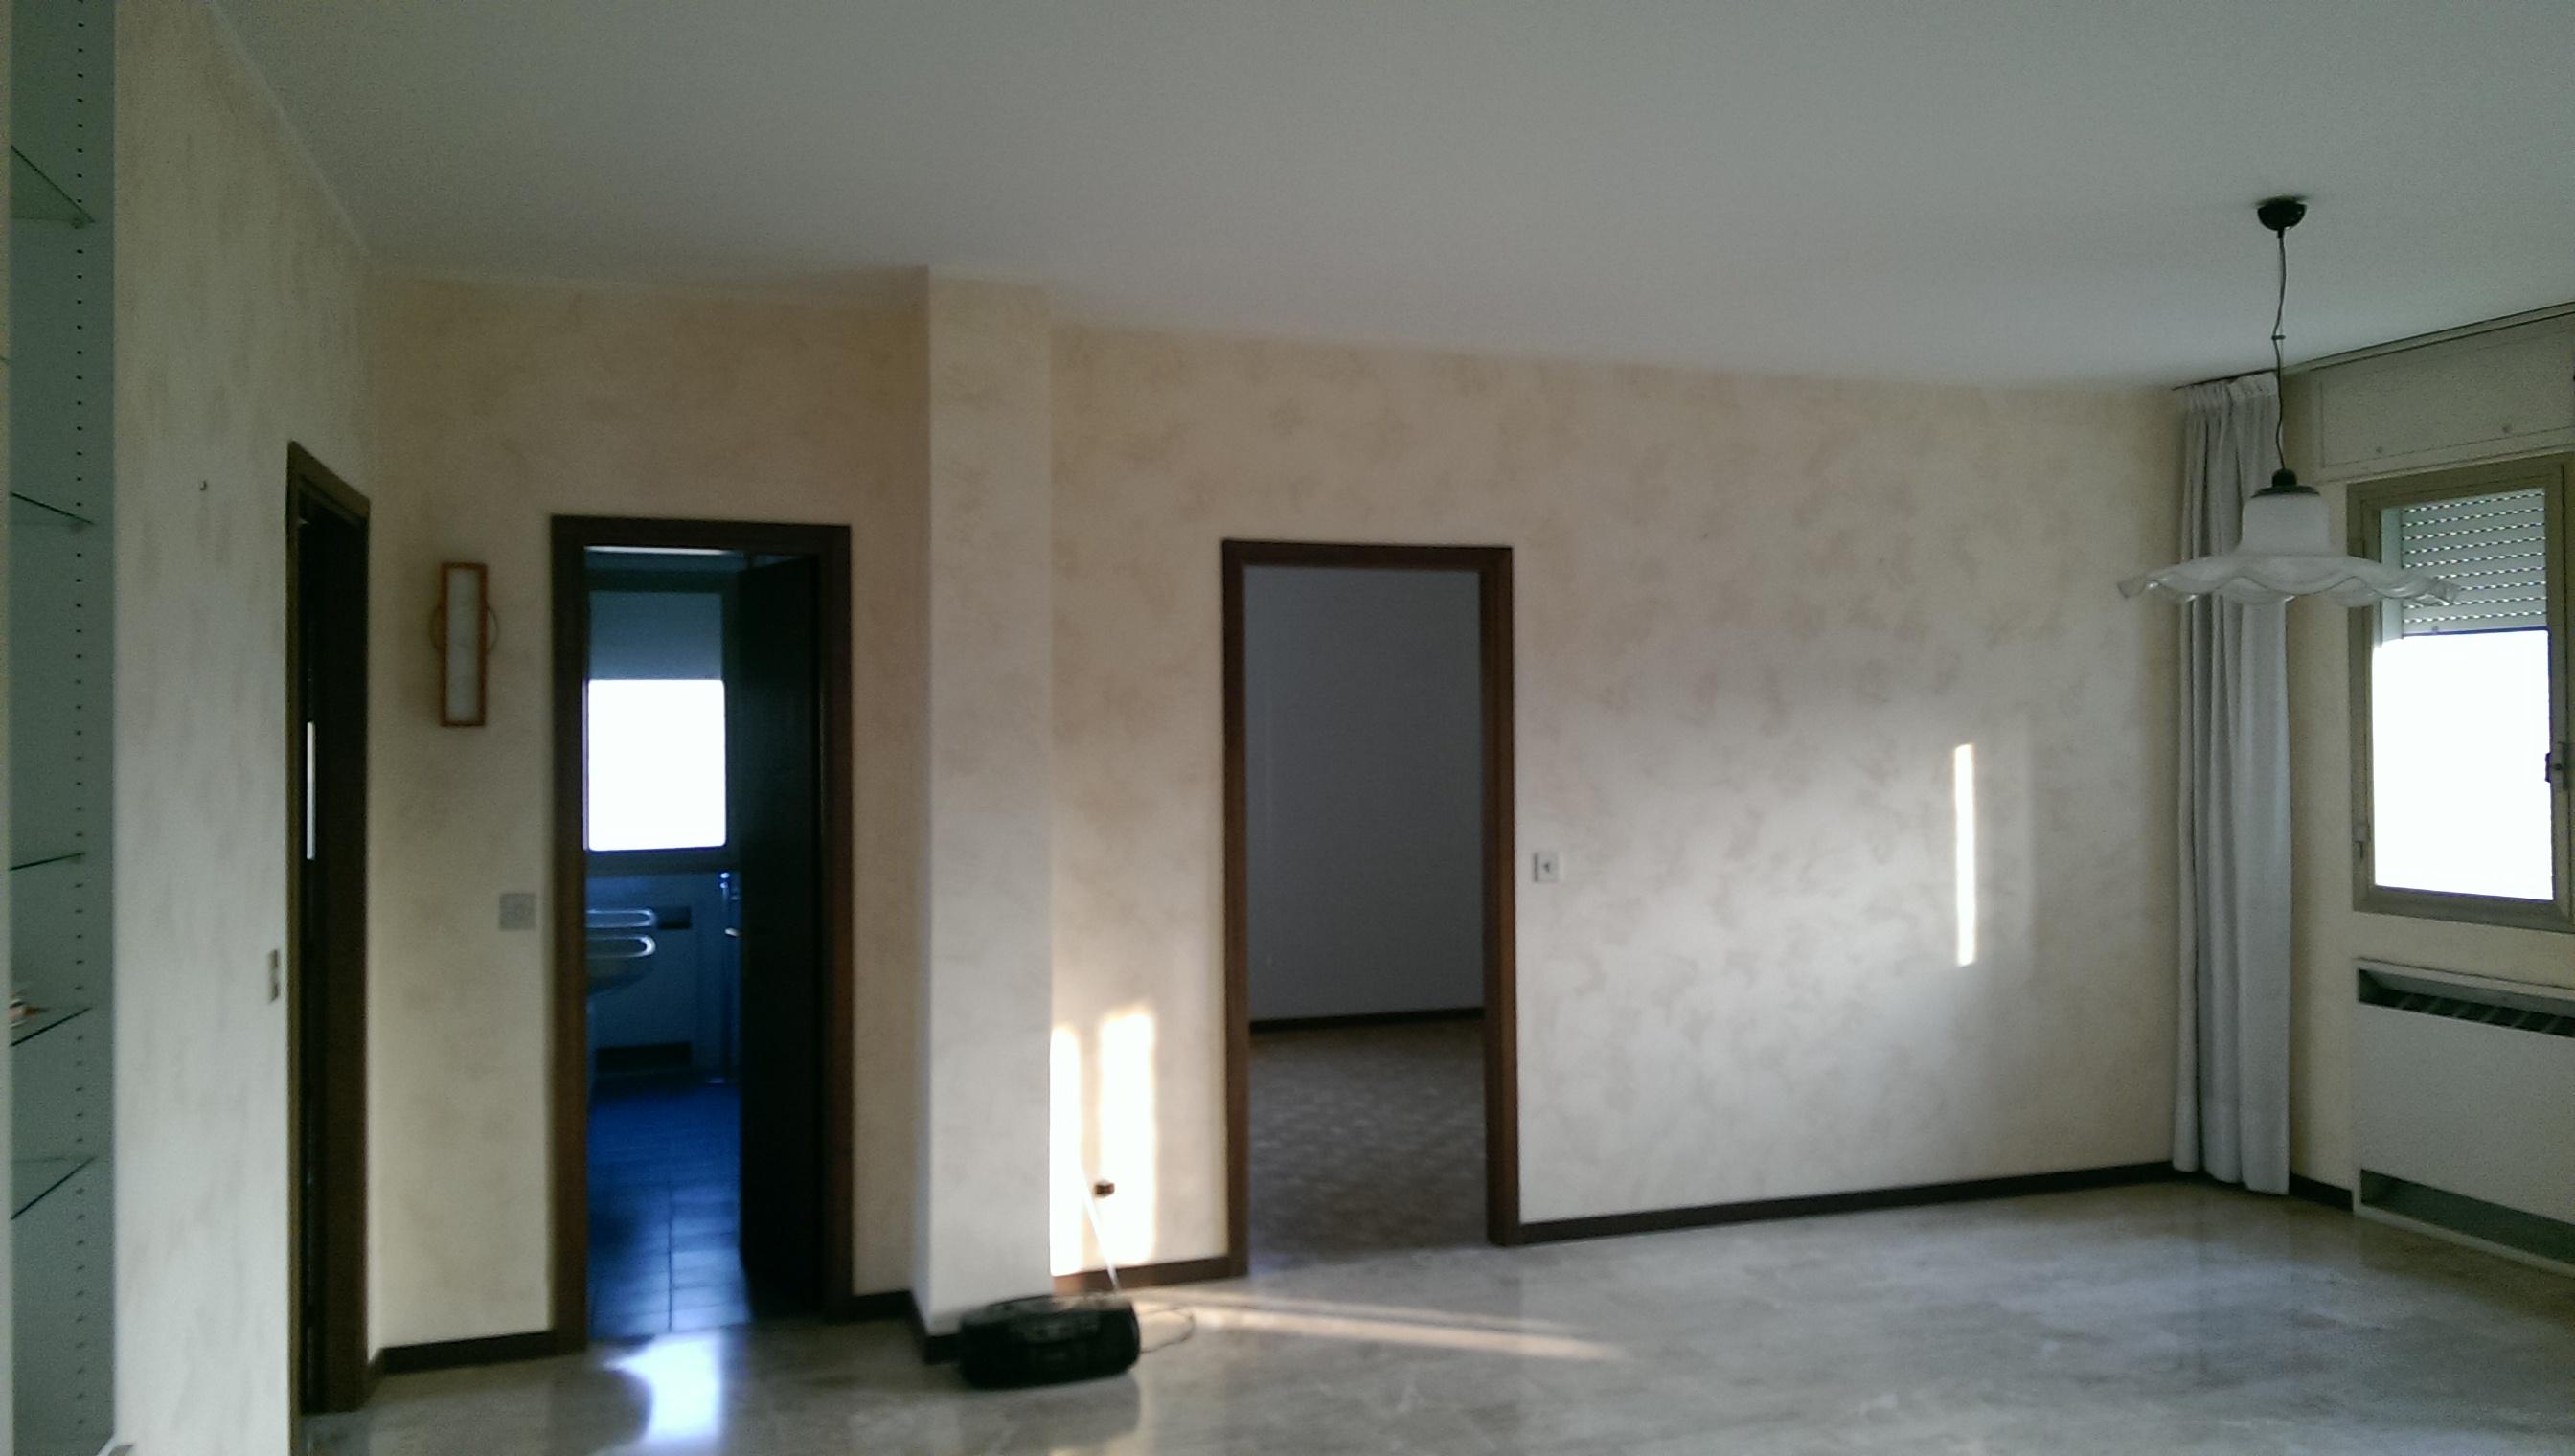 Progetto di ristrutturazione di un appartamento studio for Progetto ristrutturazione appartamento